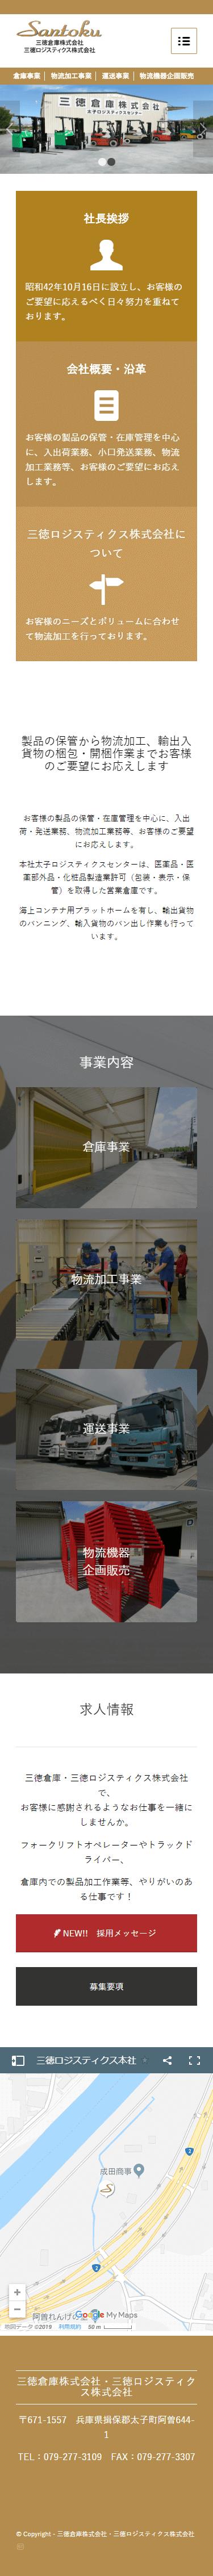 揖保郡 三徳倉庫株式会社 ホームページ制作3